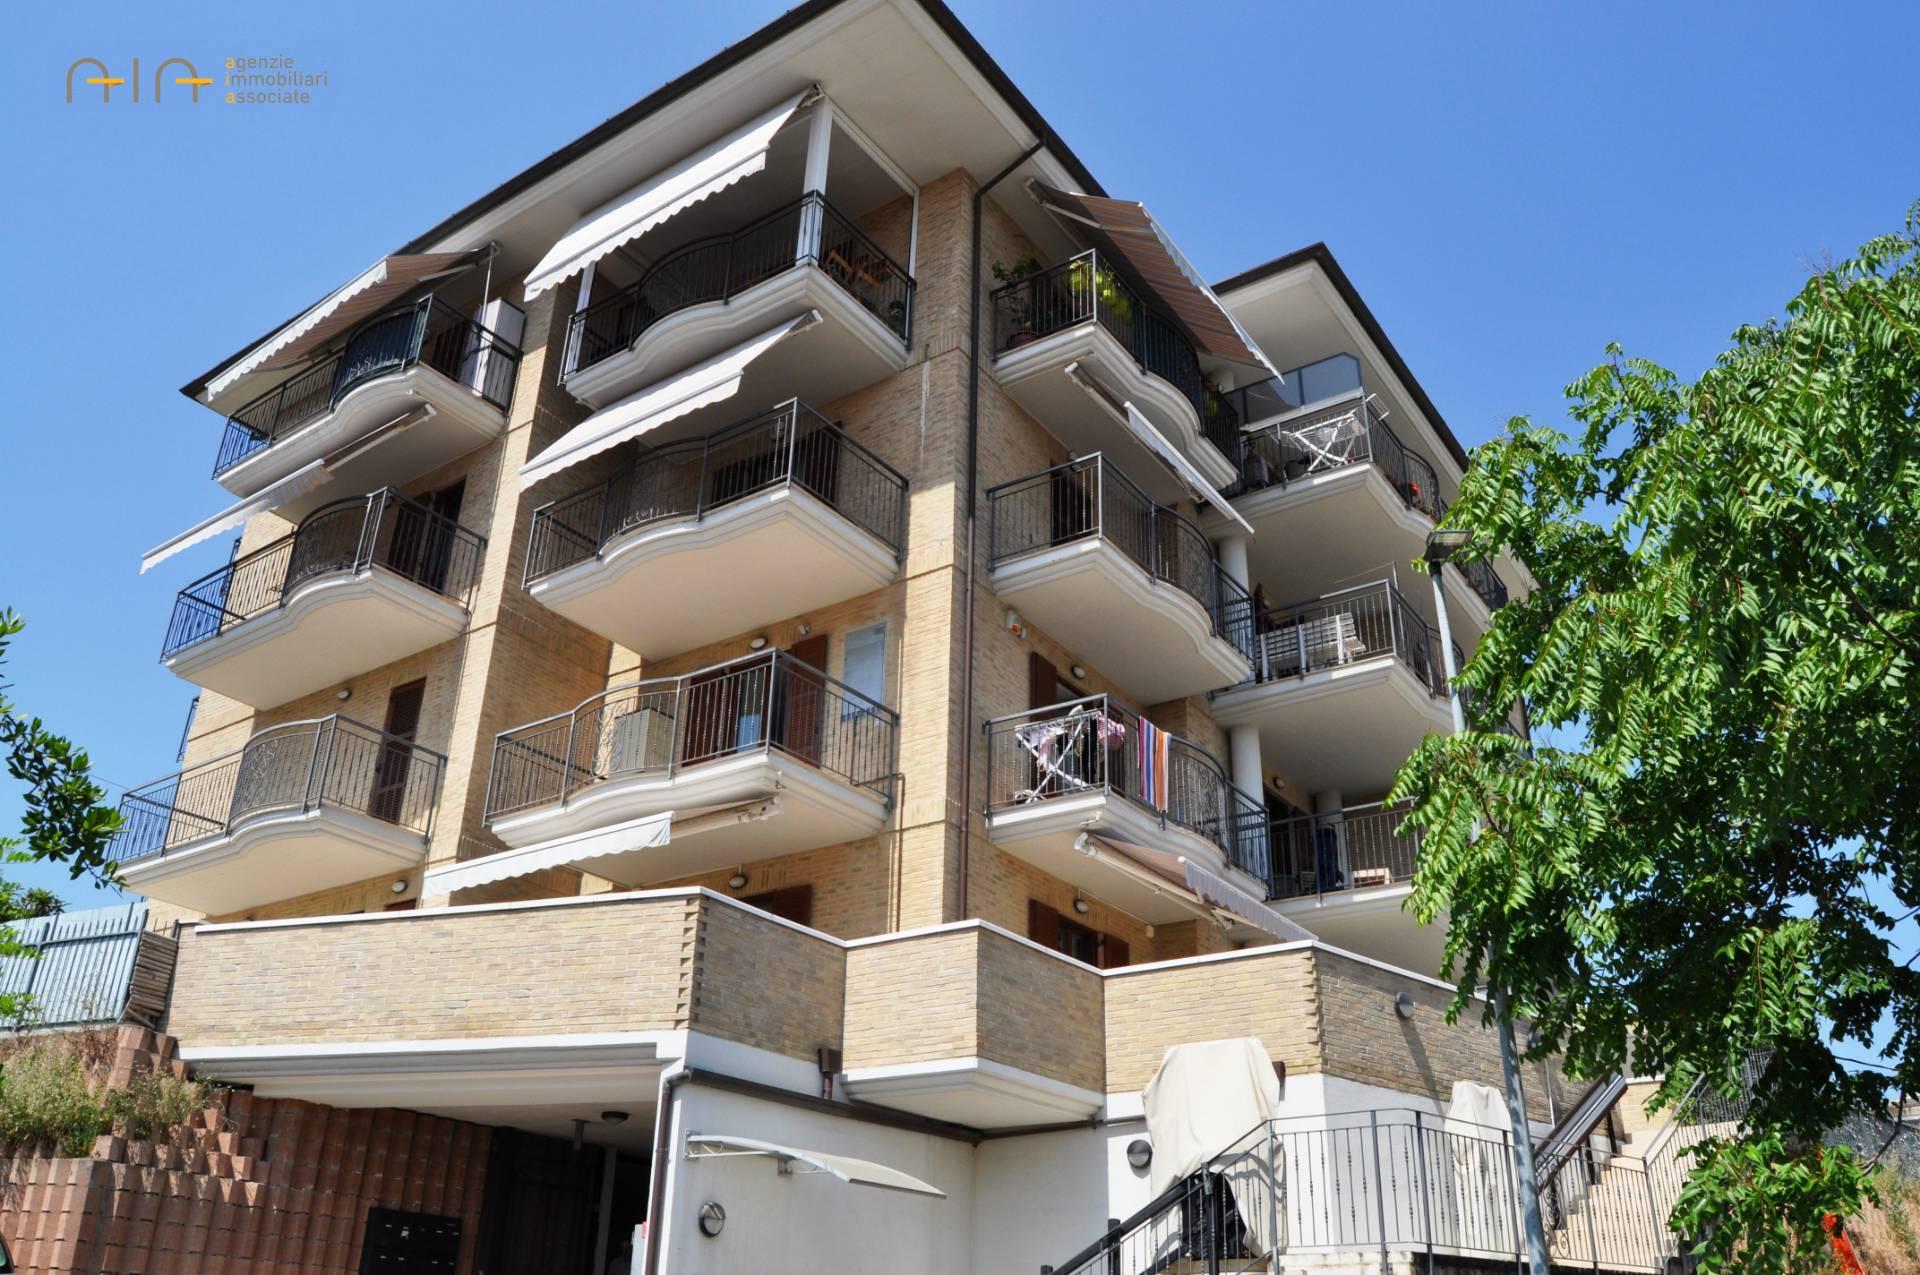 Appartamento in vendita a Monteprandone, 3 locali, zona Zona: Centobuchi, prezzo € 90.000 | CambioCasa.it